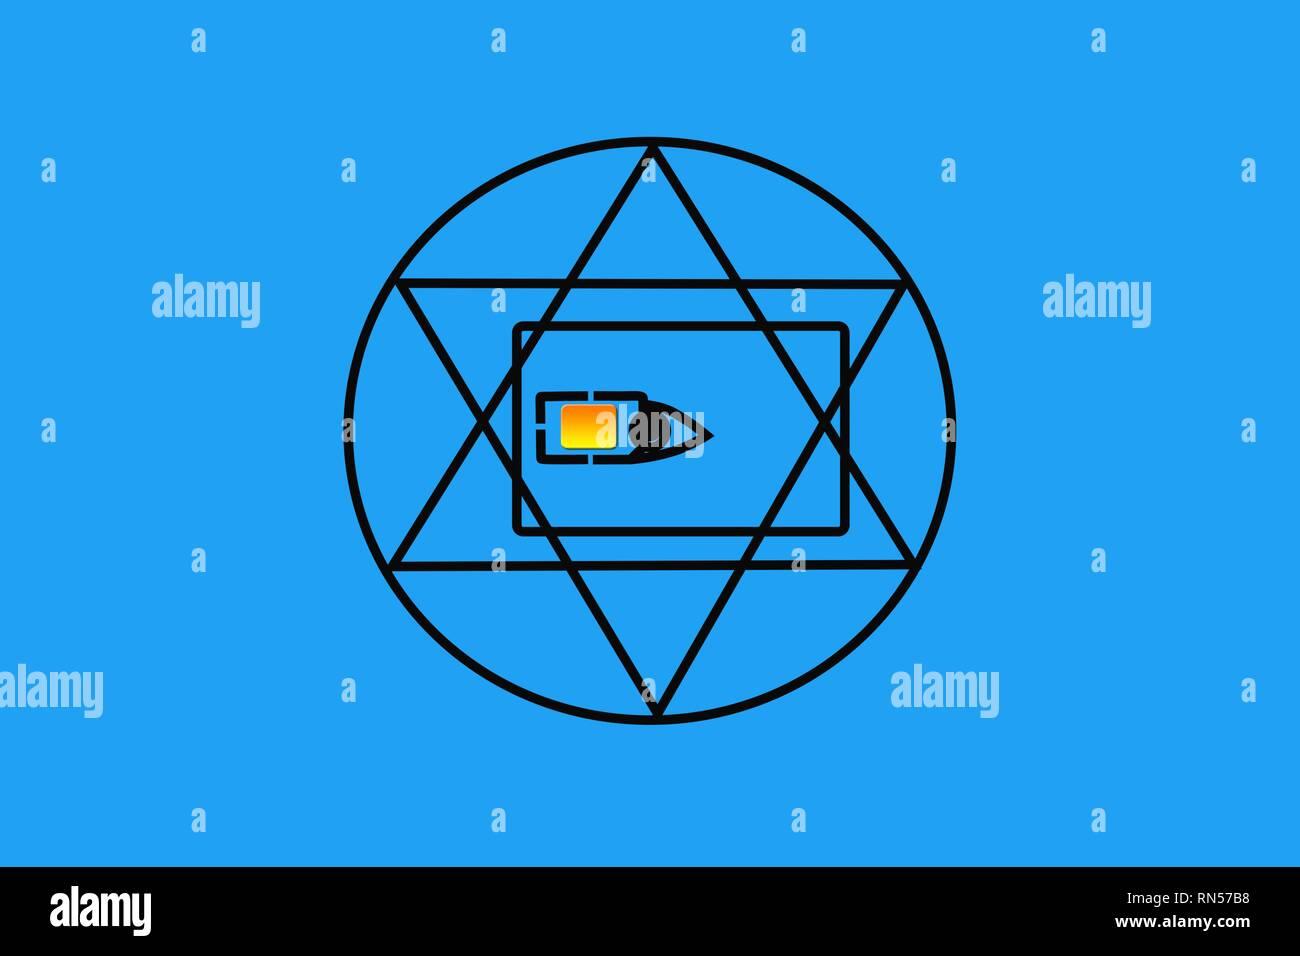 Masonic Eye Stock Photos & Masonic Eye Stock Images - Alamy